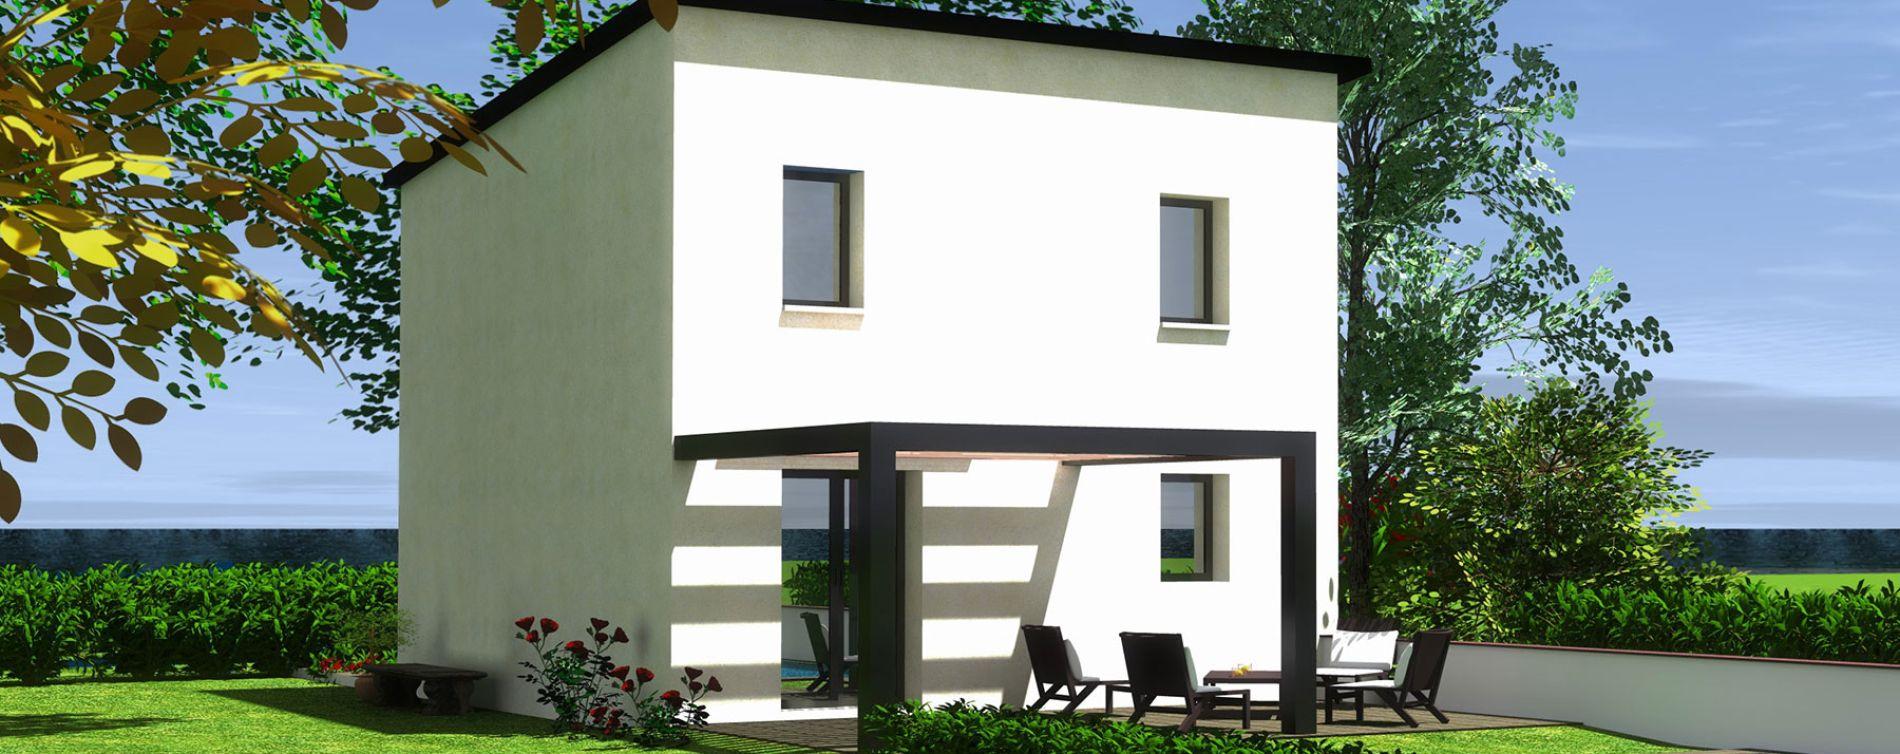 Résidence Kerdrevel à Plougastel-Daoulas